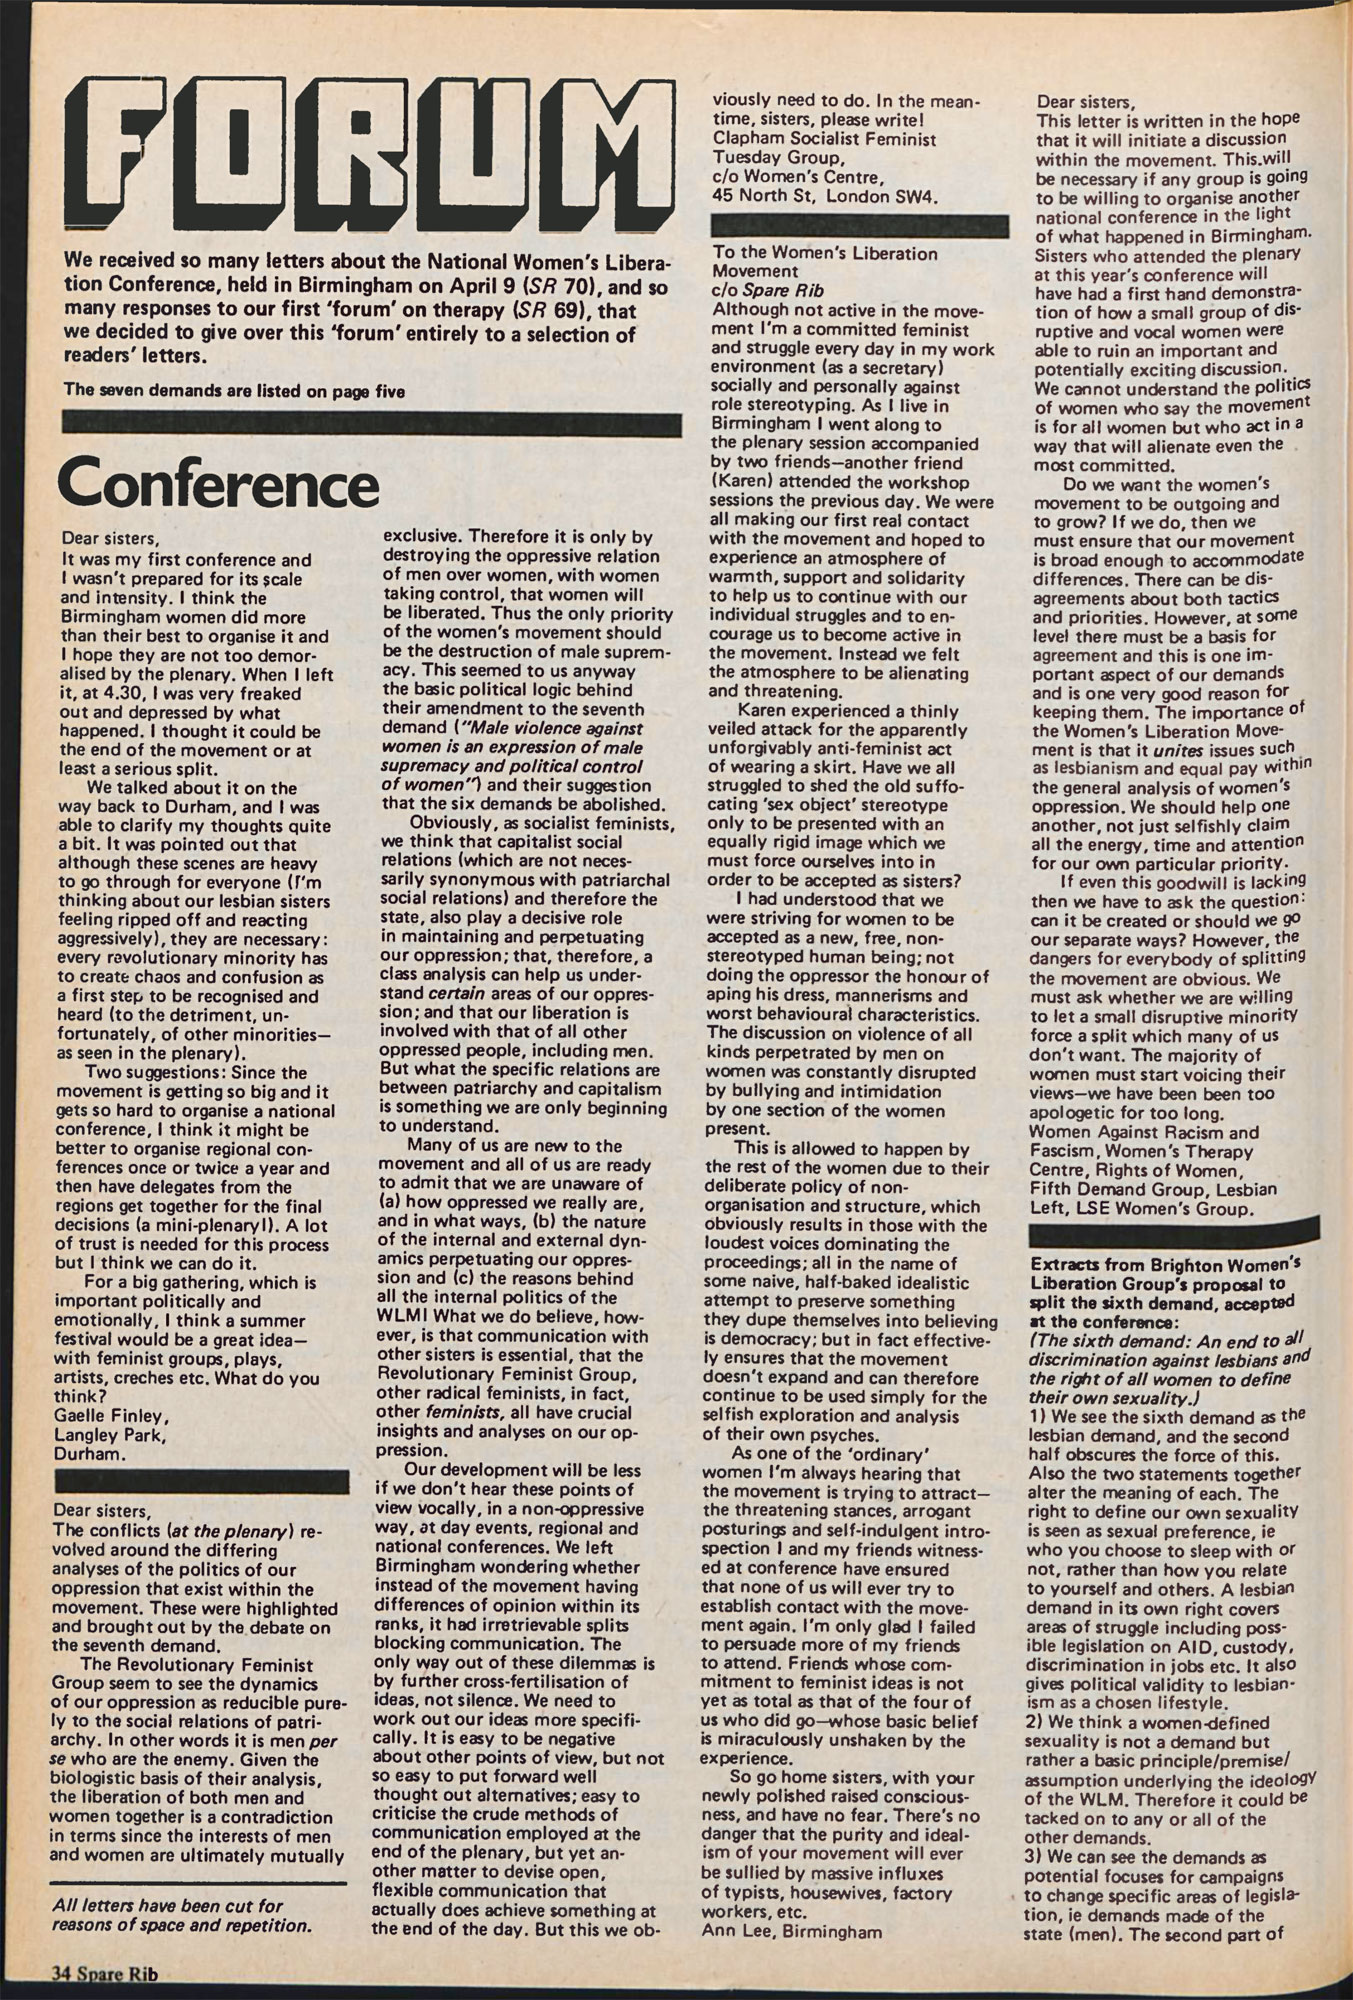 Spare Rib magazine issue 71 p. 34